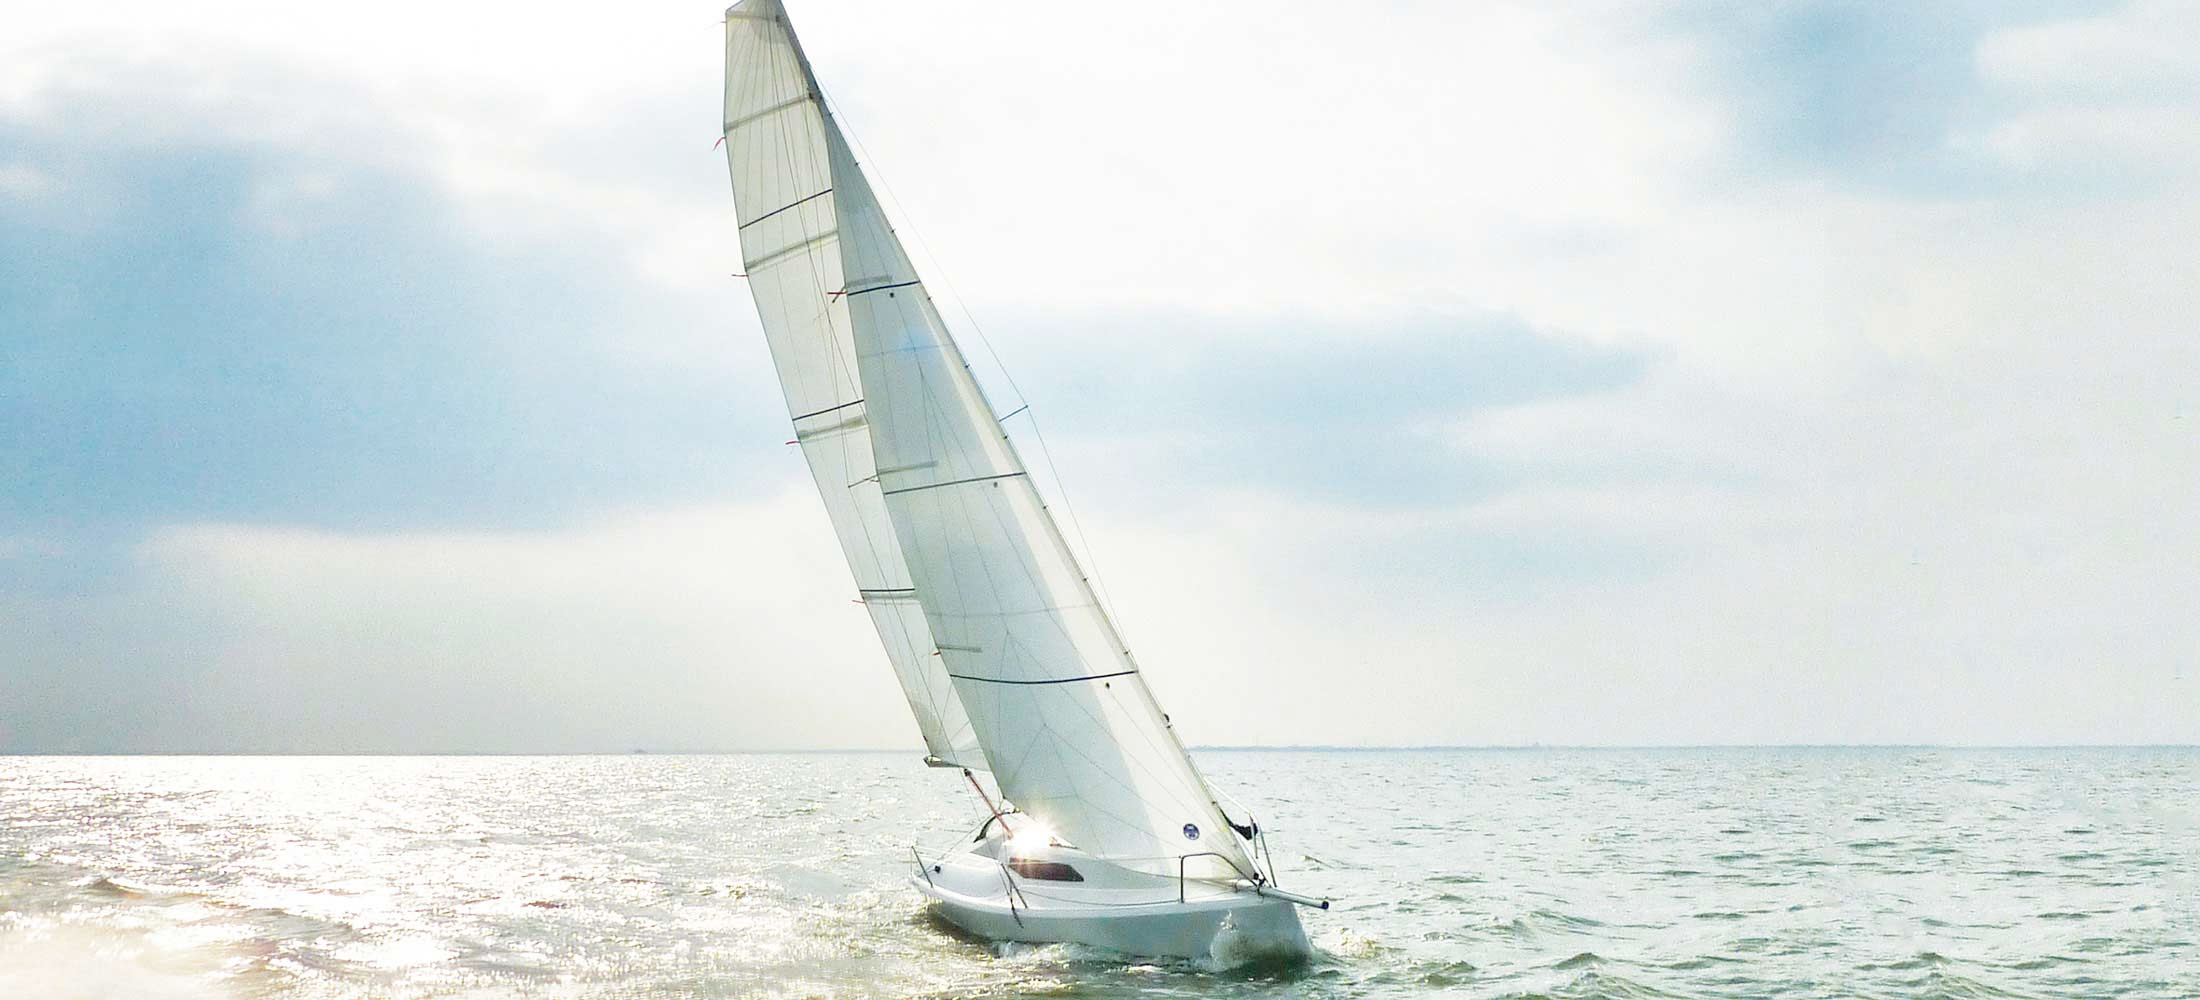 """雅马哈,帆船运动,室内设计,碳纤维,排水量 福利:7万一条处理""""珐伊18""""帆船【青岛】 74196579d9c2a32745.png"""